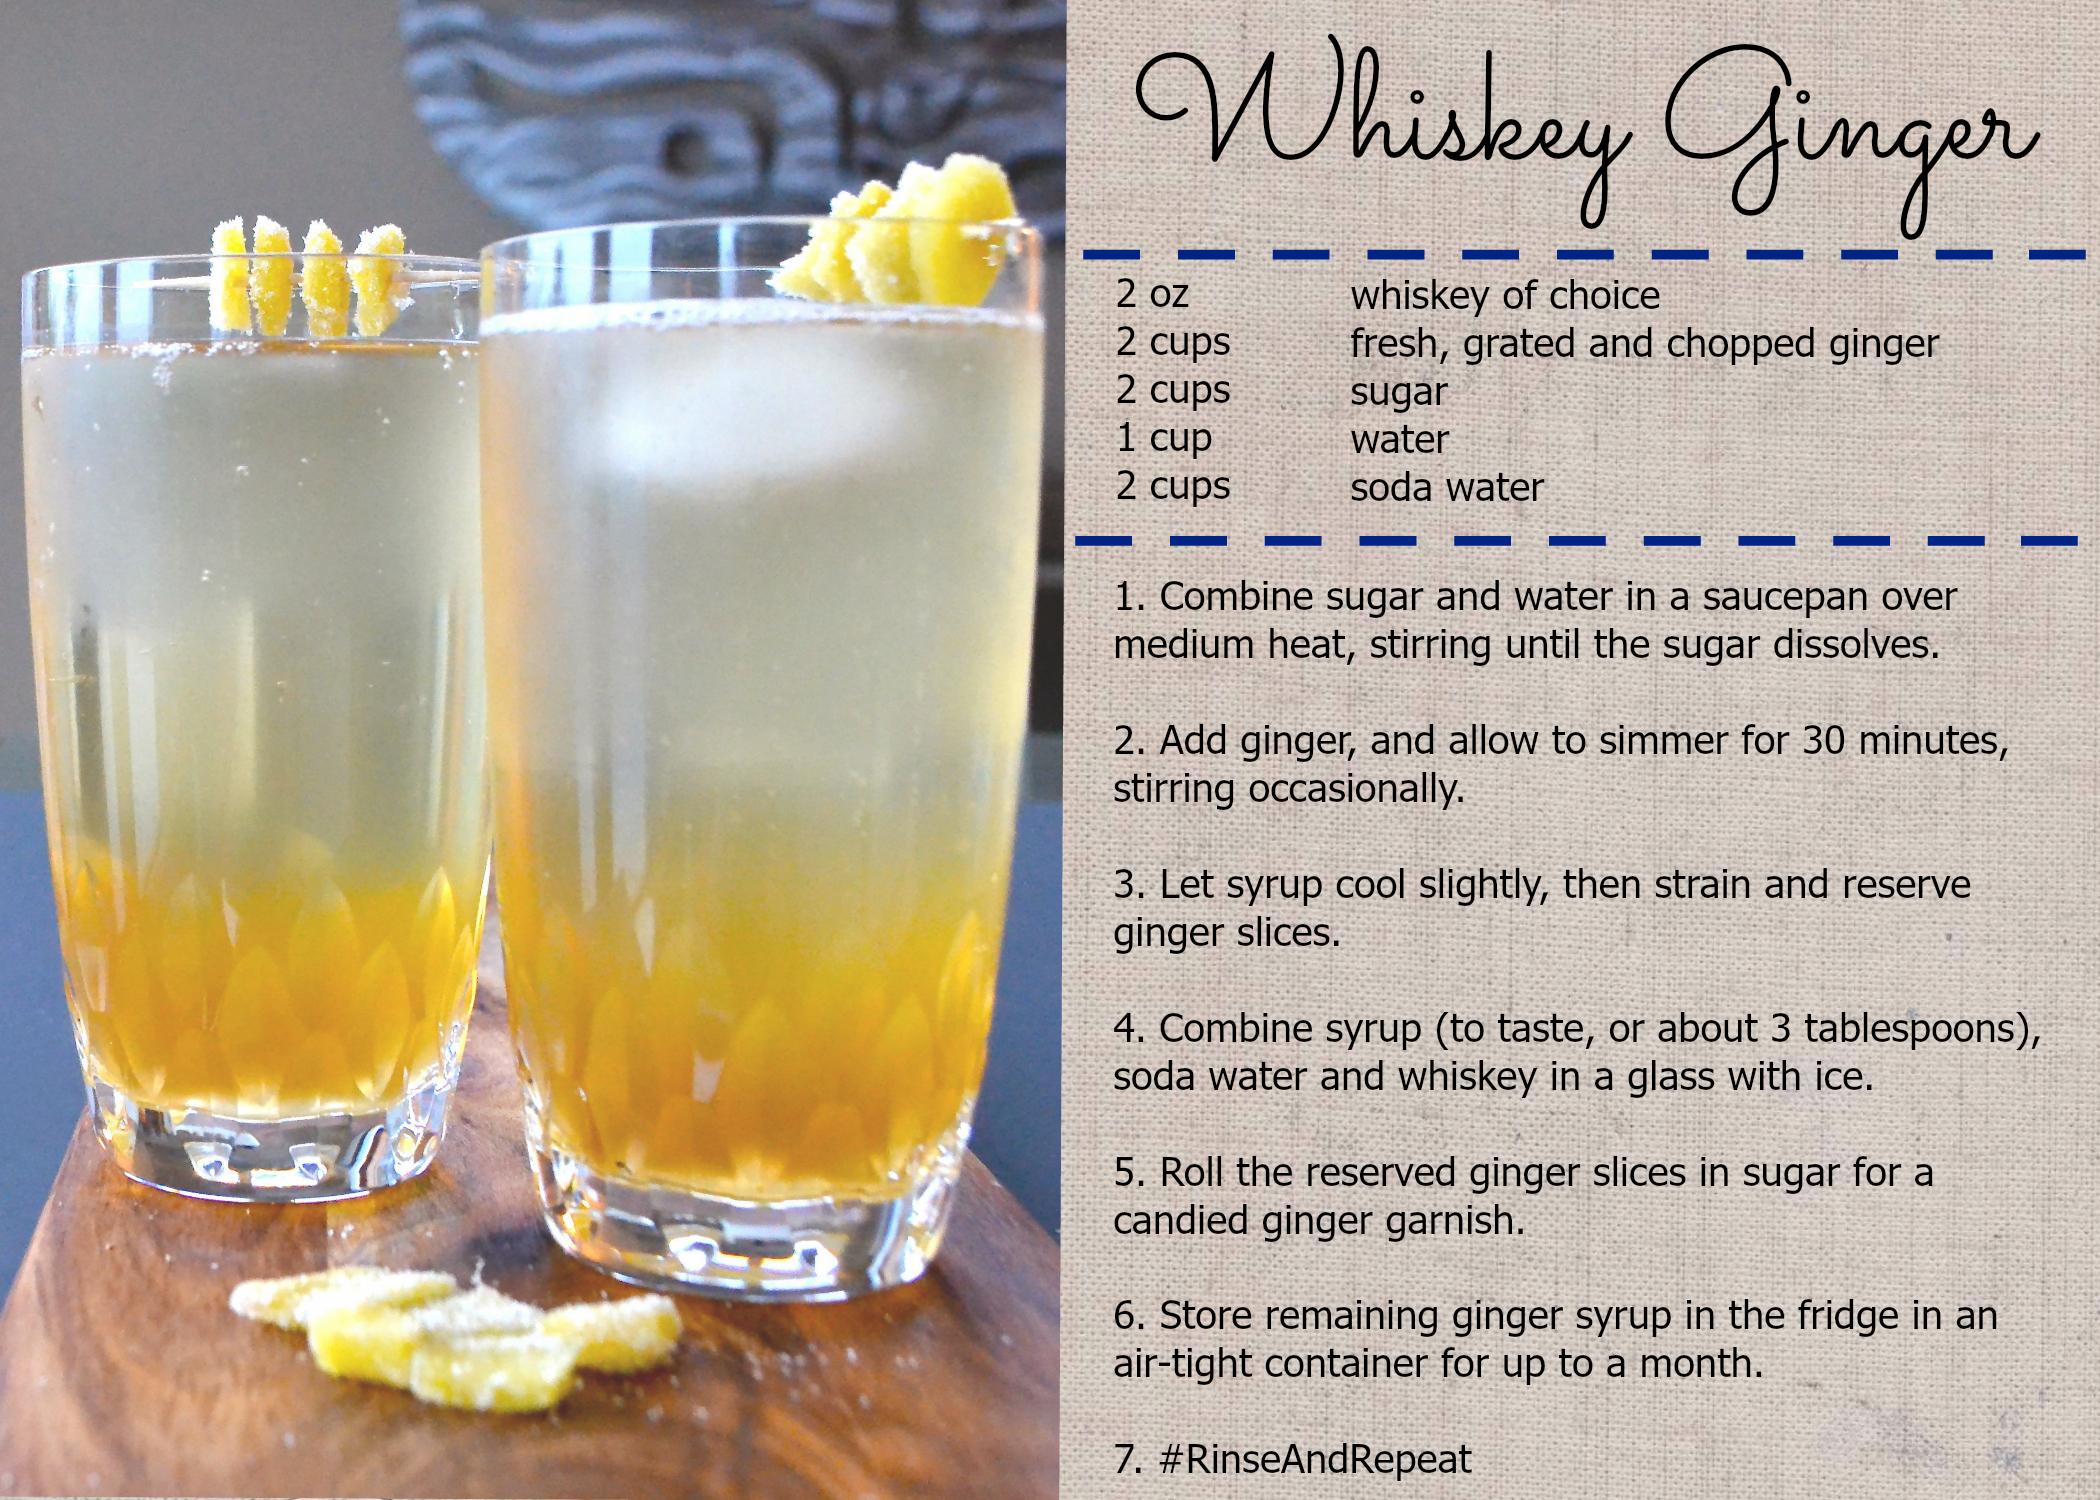 WhiskeyGingerRecipe